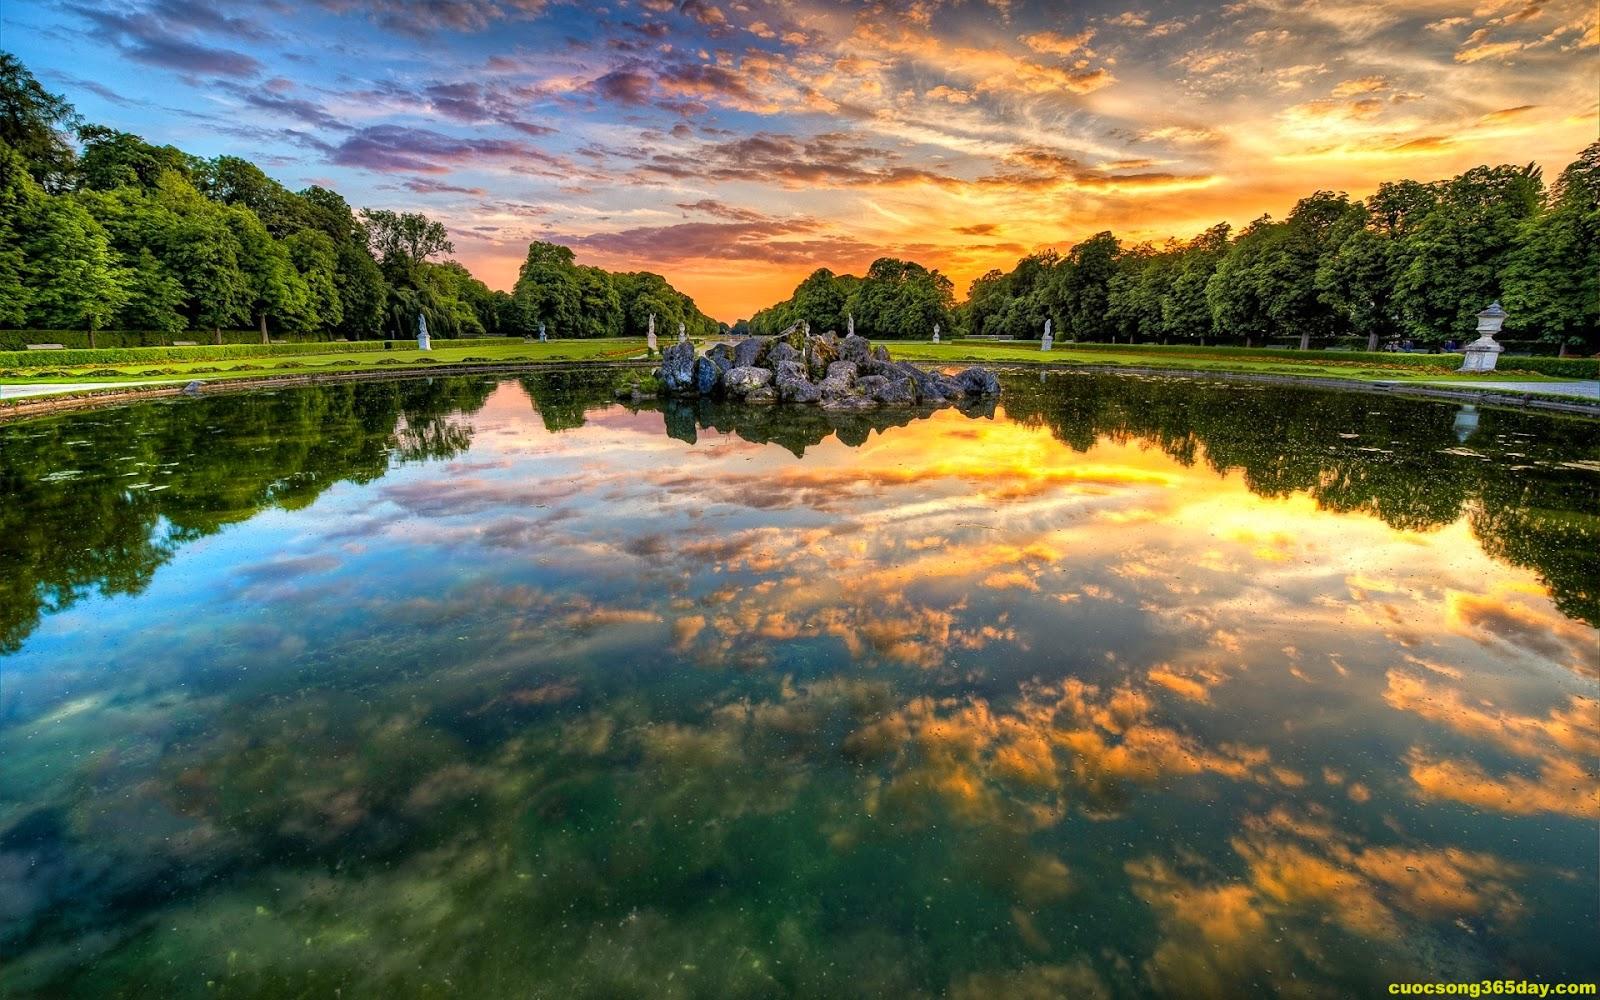 Hình nên thiên nhiên HD tuyệt đẹp cho Desktop - Cuộc sống ...